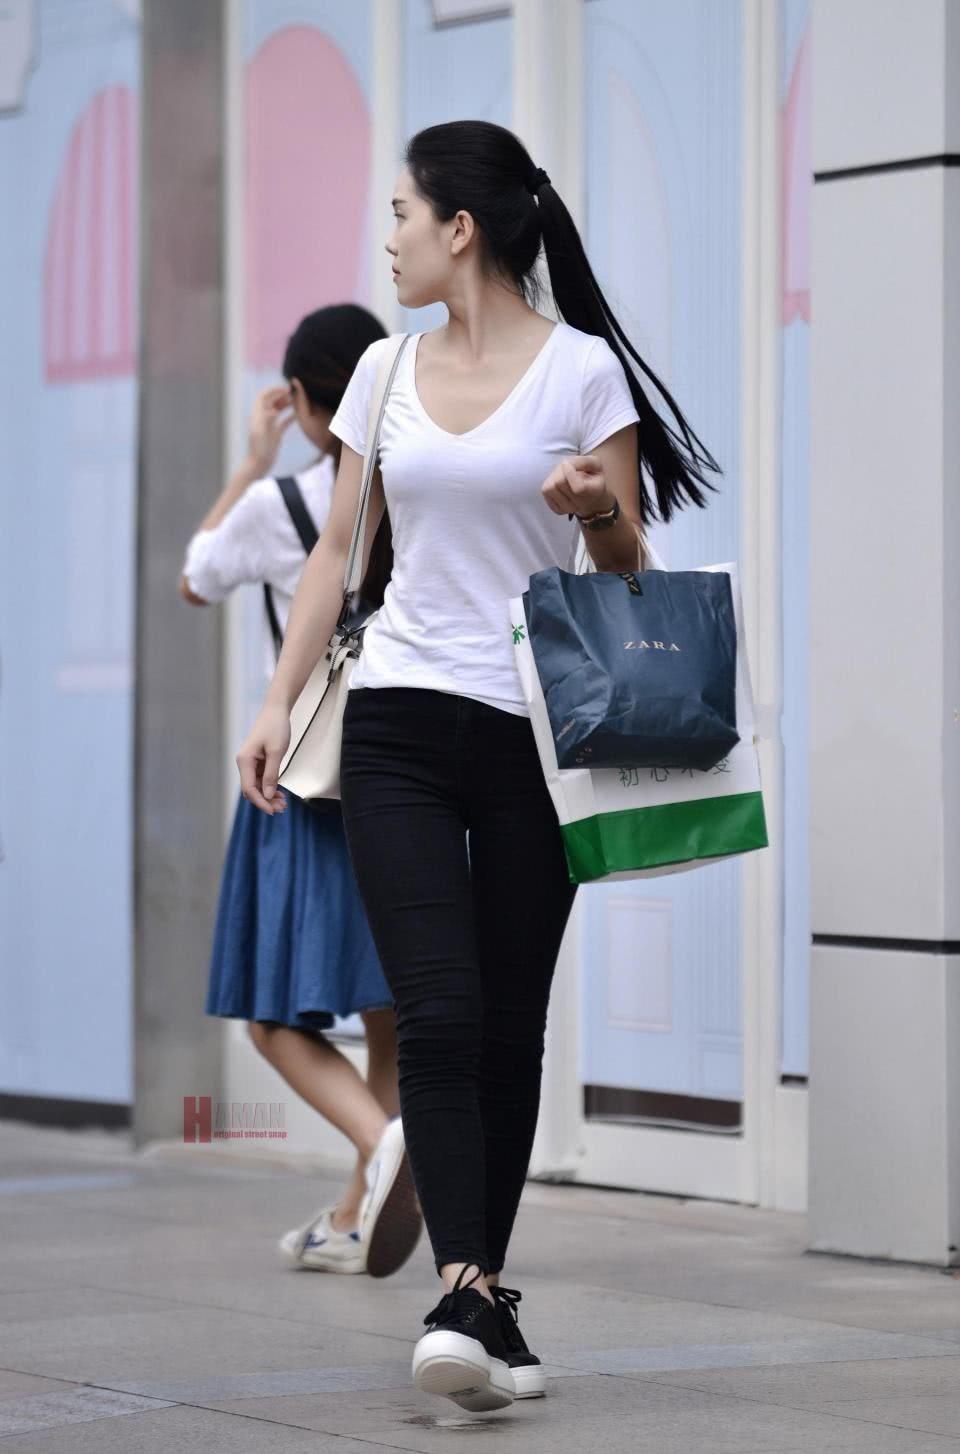 清纯小姐姐白色短袖搭配黑色紧身裤,身材凸凹